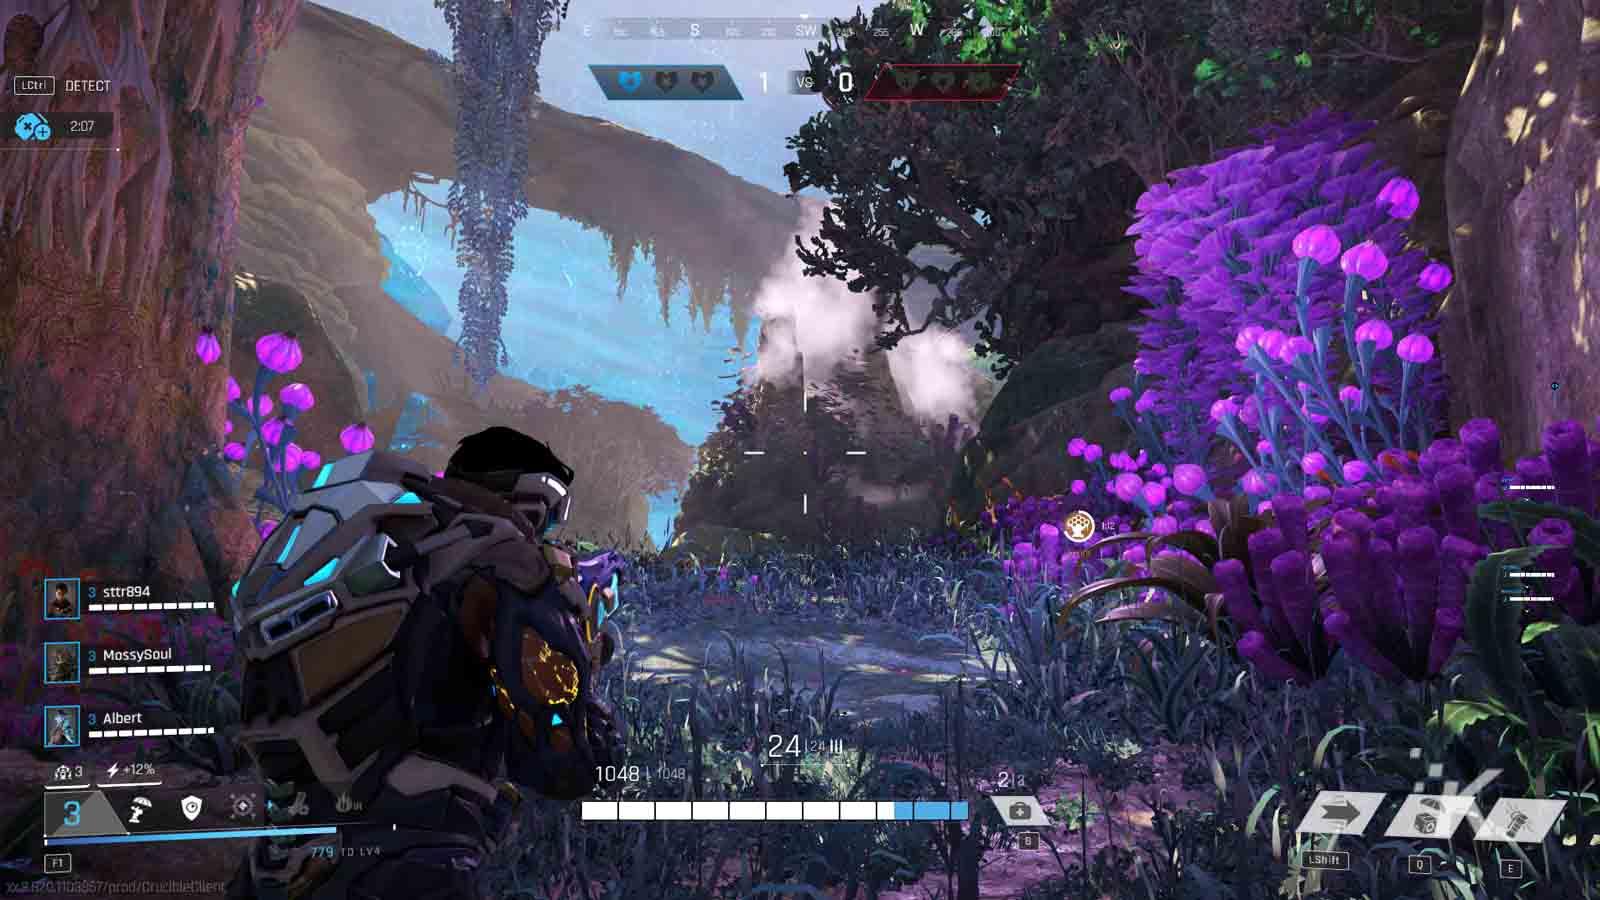 amazon's new aaa game